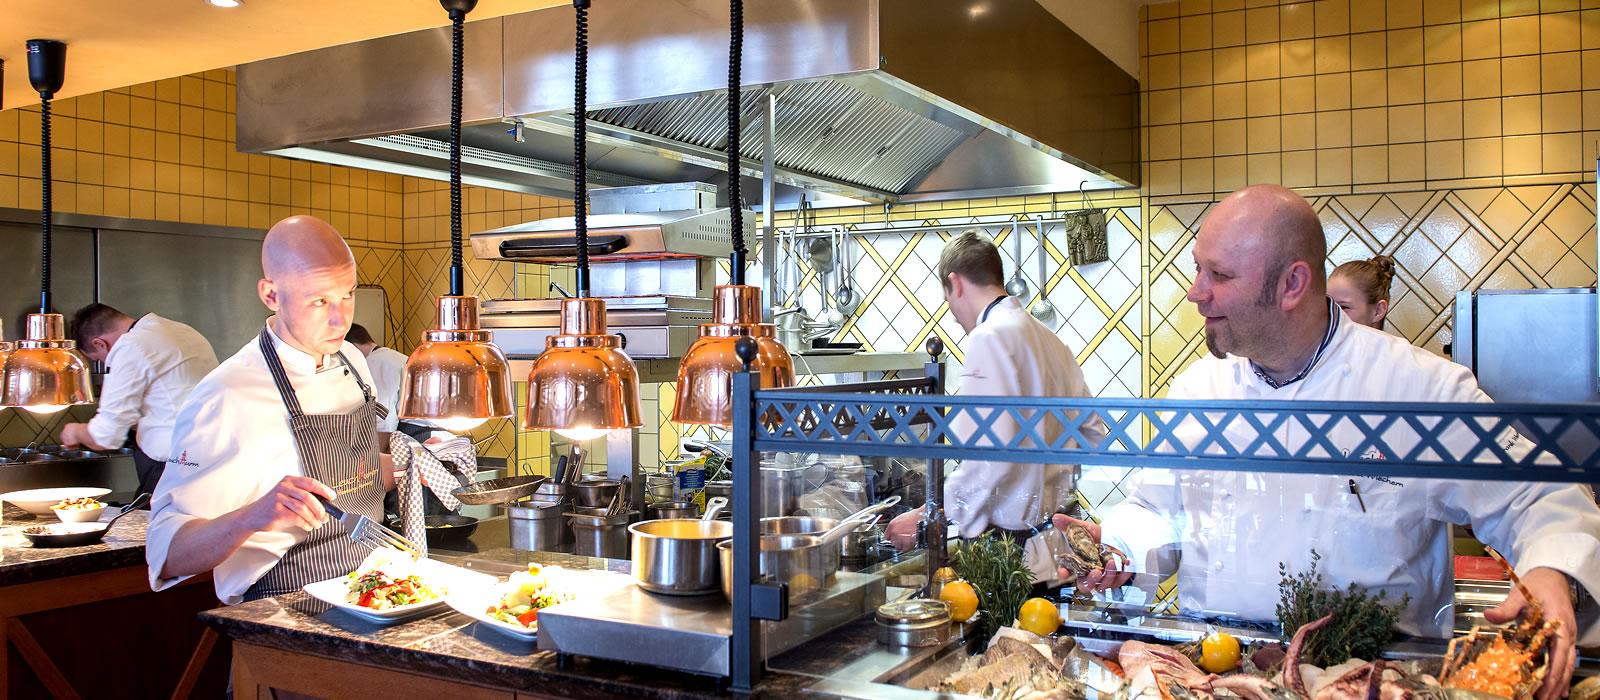 In der offenen show küche des fischrestaurant leuchtturm können sie den köchen bei der arbeit